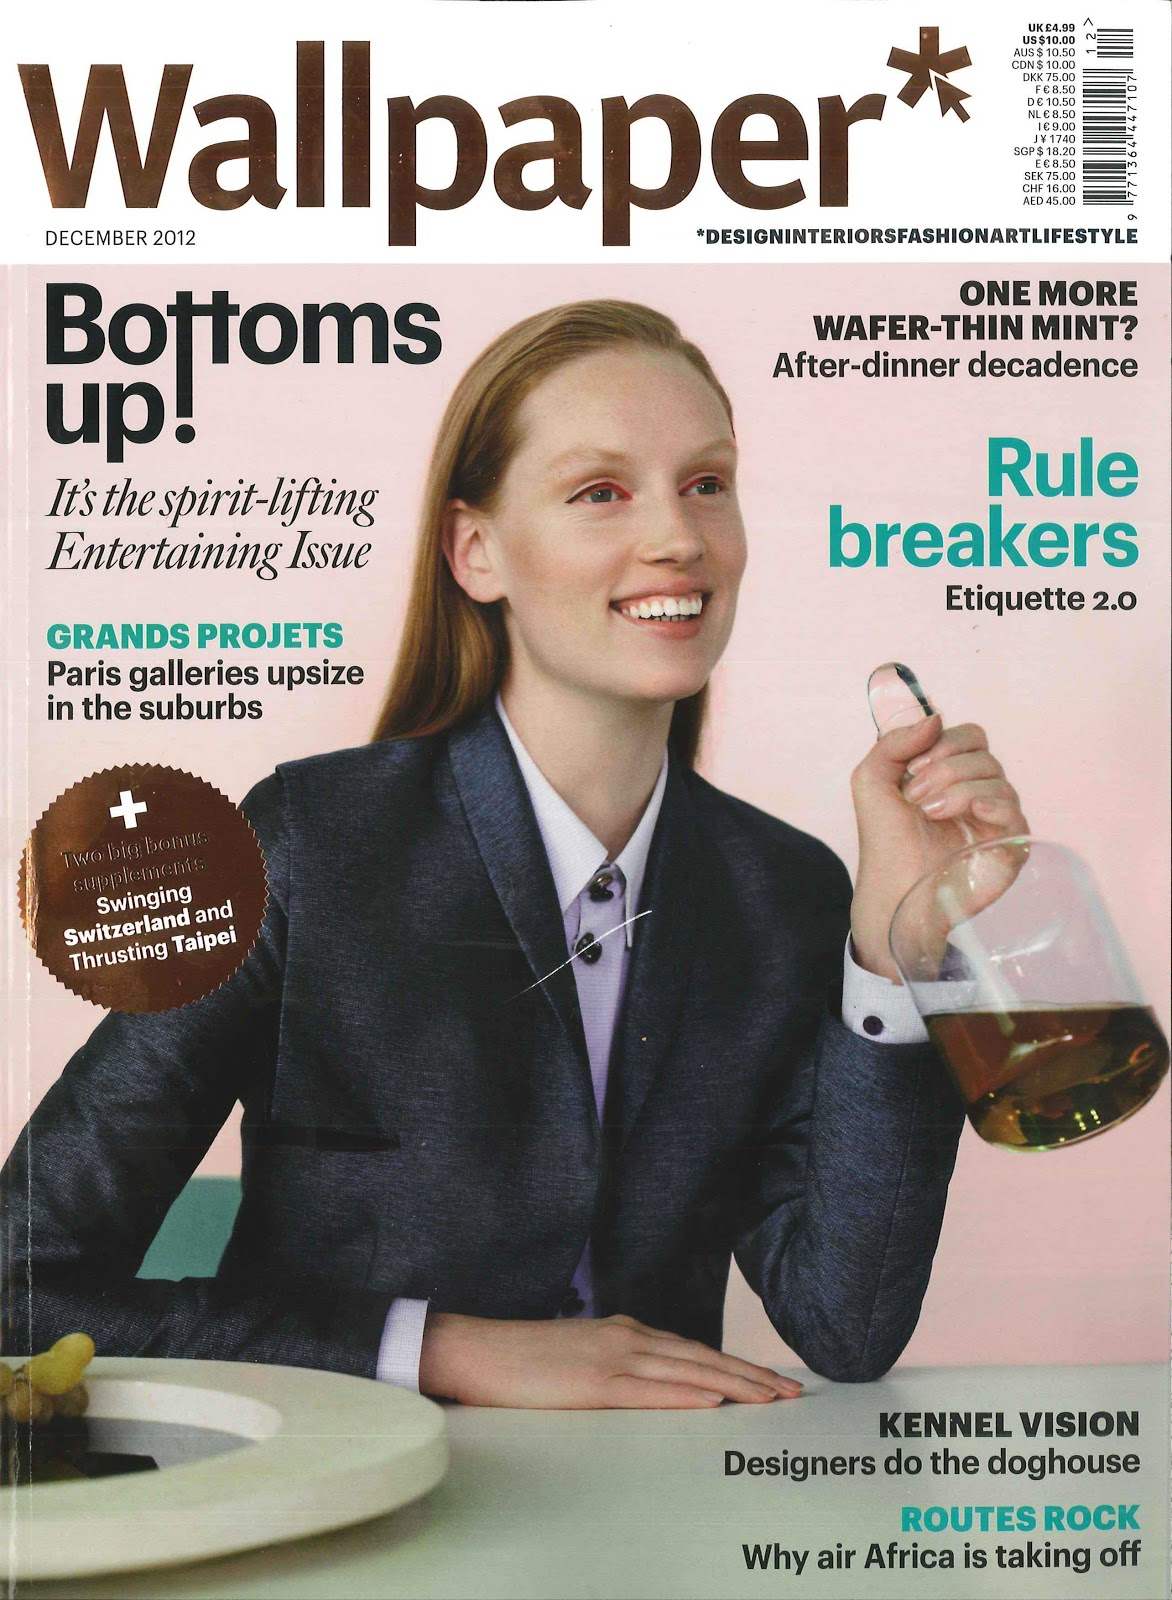 http://2.bp.blogspot.com/-2S1ReHjnCFg/UKzFwU7ASaI/AAAAAAAABFY/AZHjHQcFMUc/s1600/DrJackson_Wallpaper_December2012(cover).jpg